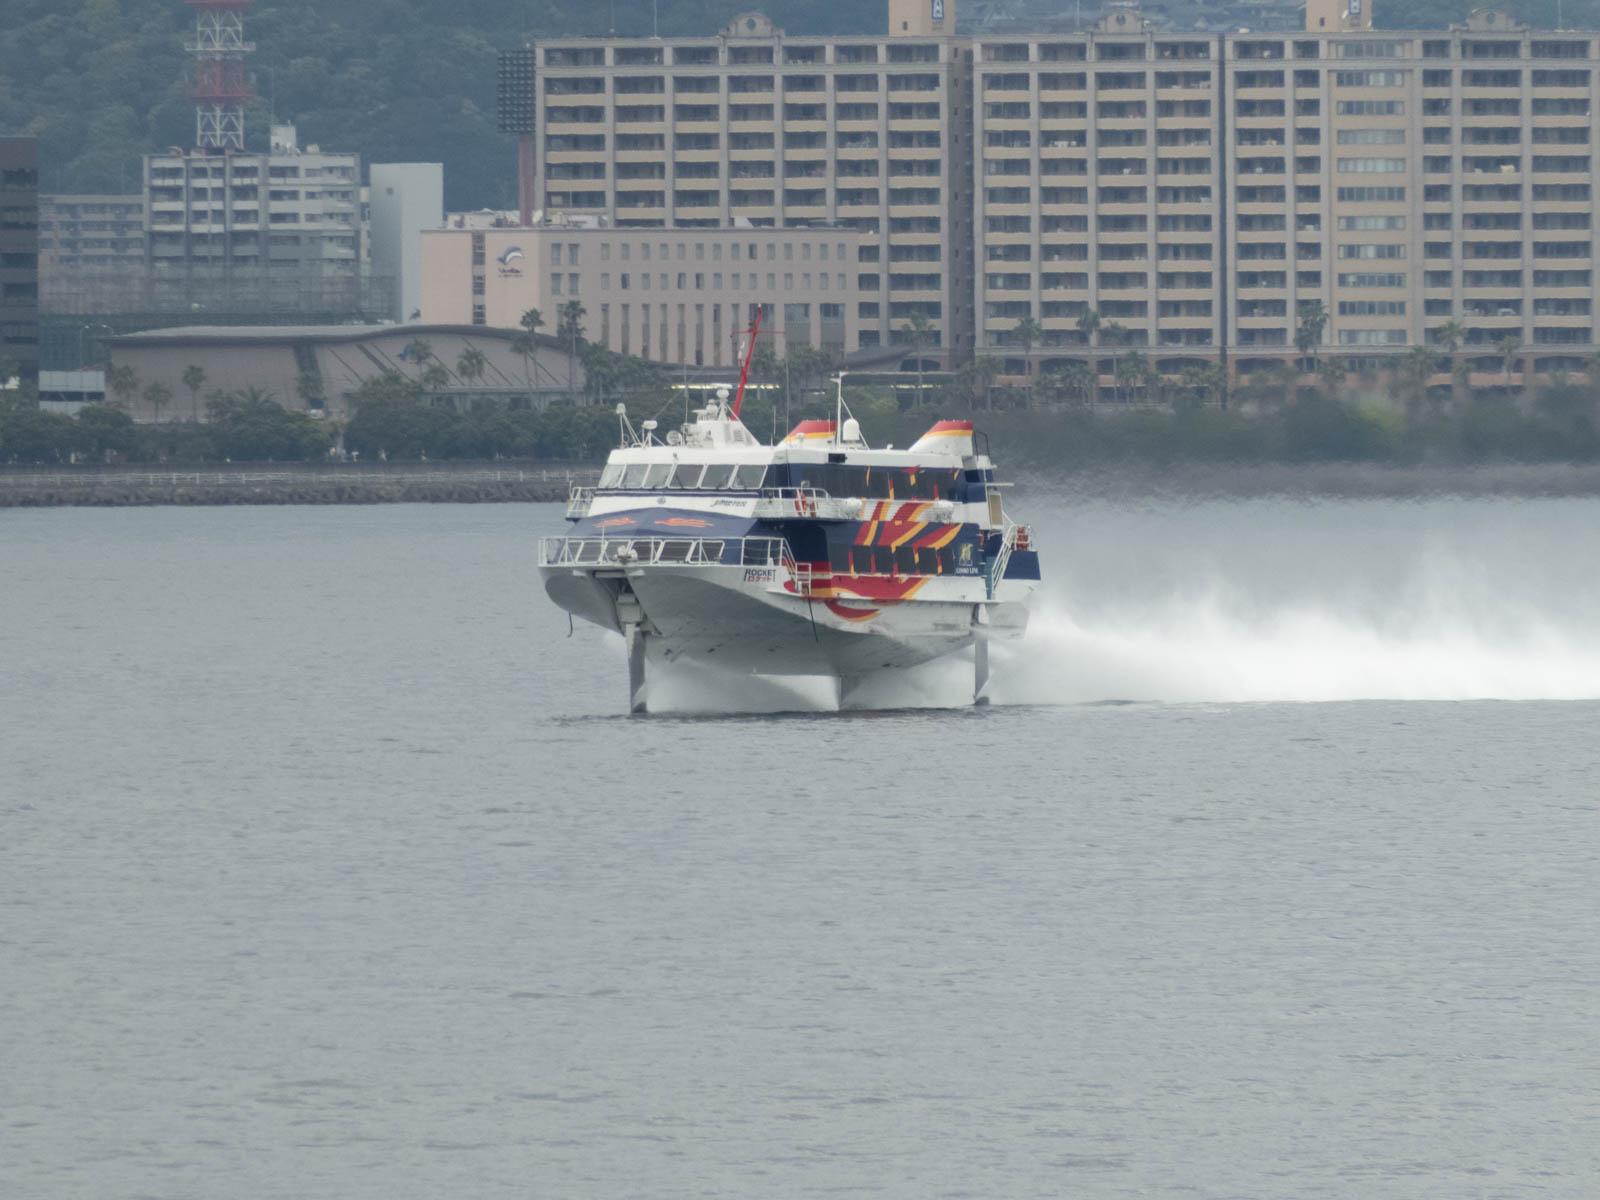 高速船に追い抜かれる